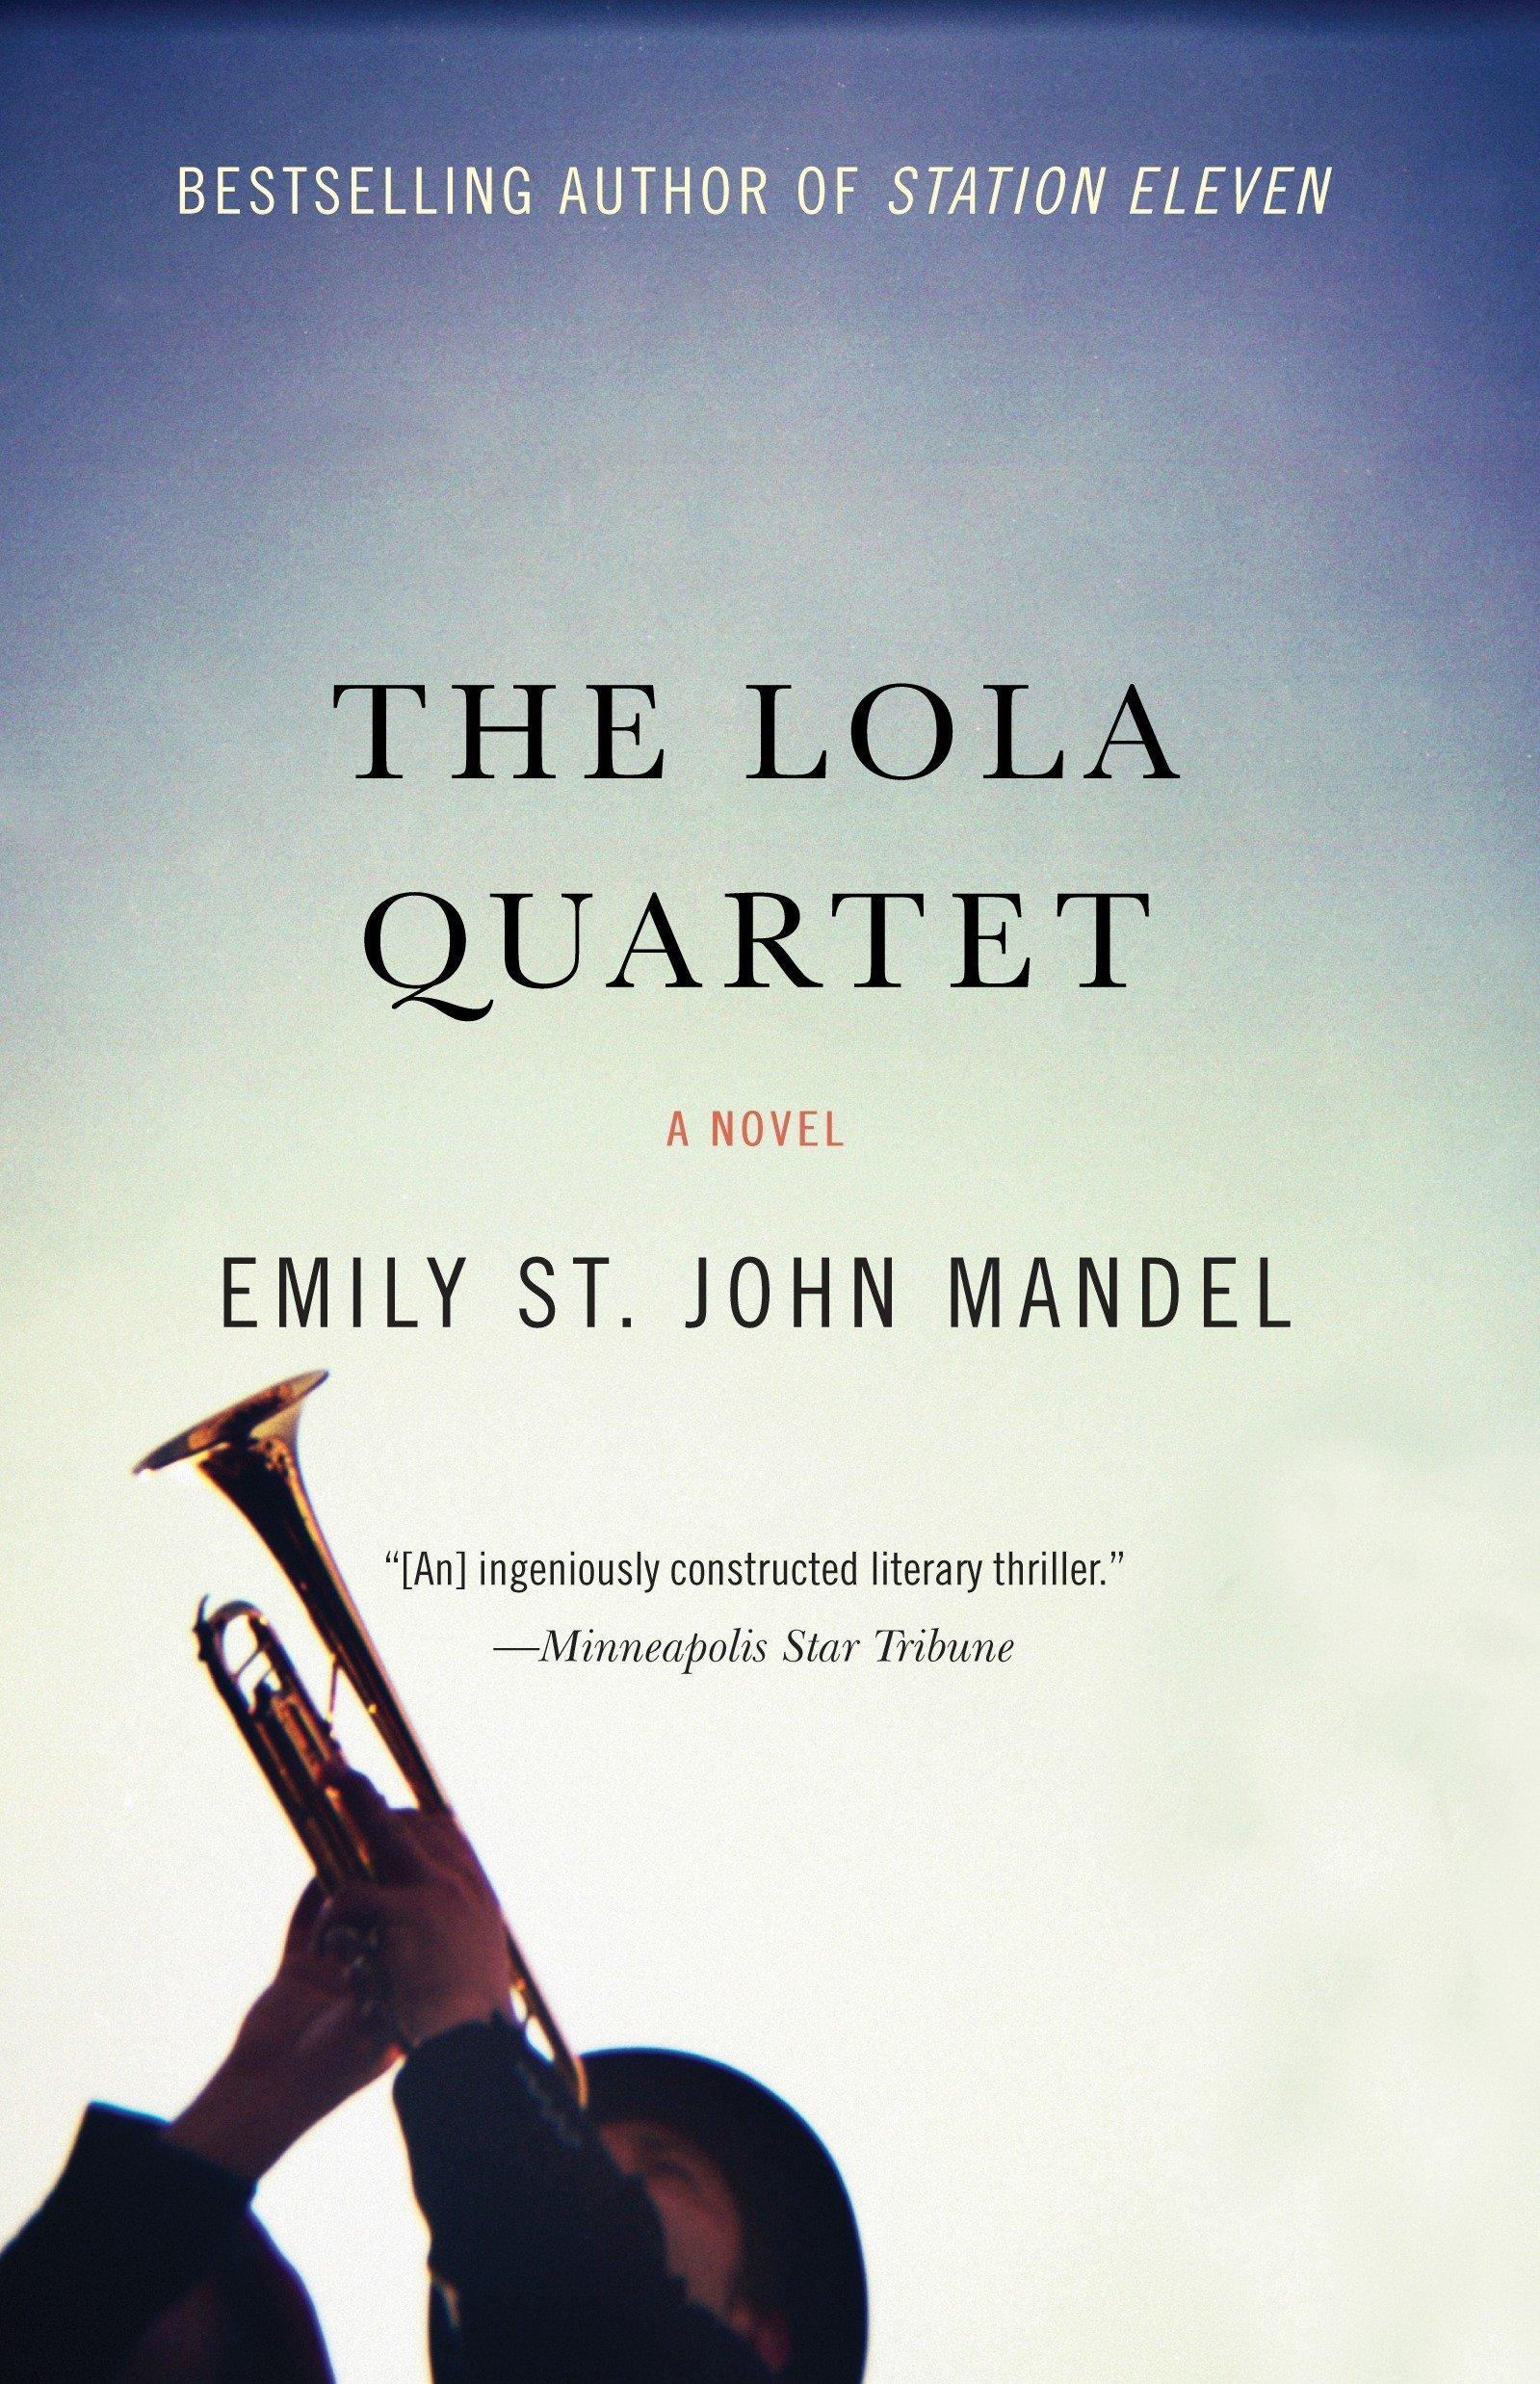 Amazon.com: The Lola Quartet (9781101911990): Emily St. John Mandel: Books